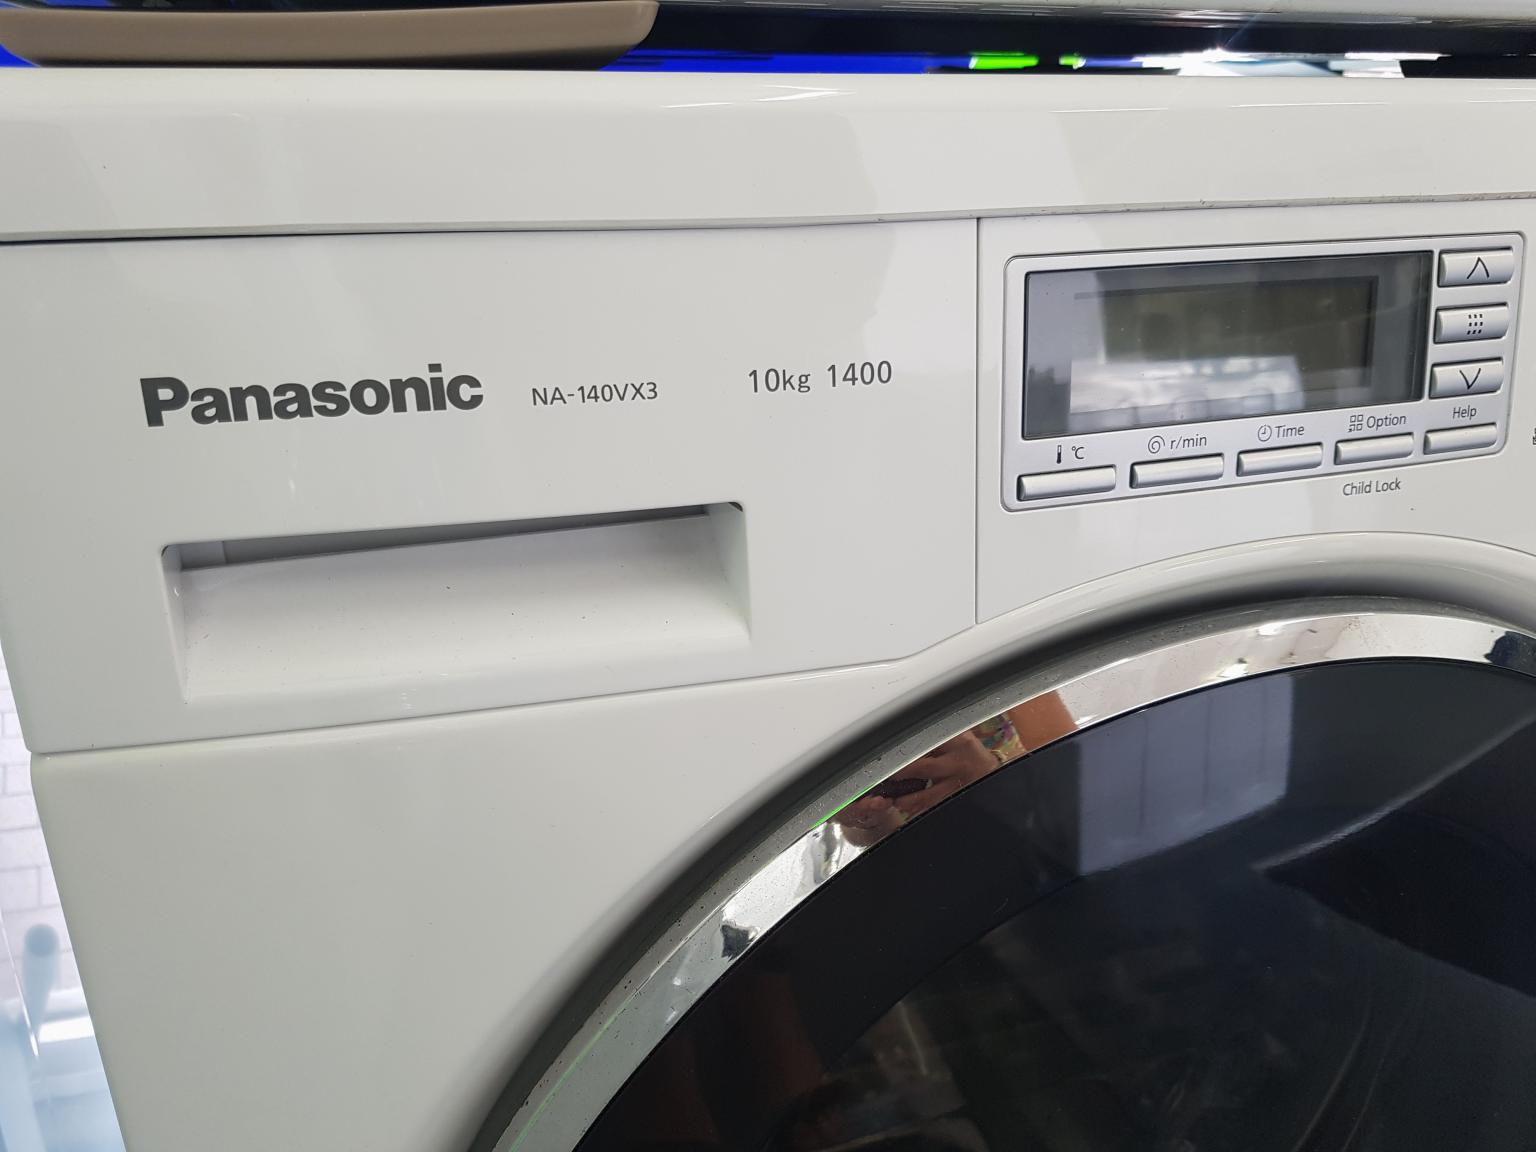 Panasonic 10kg washer (3).jpg